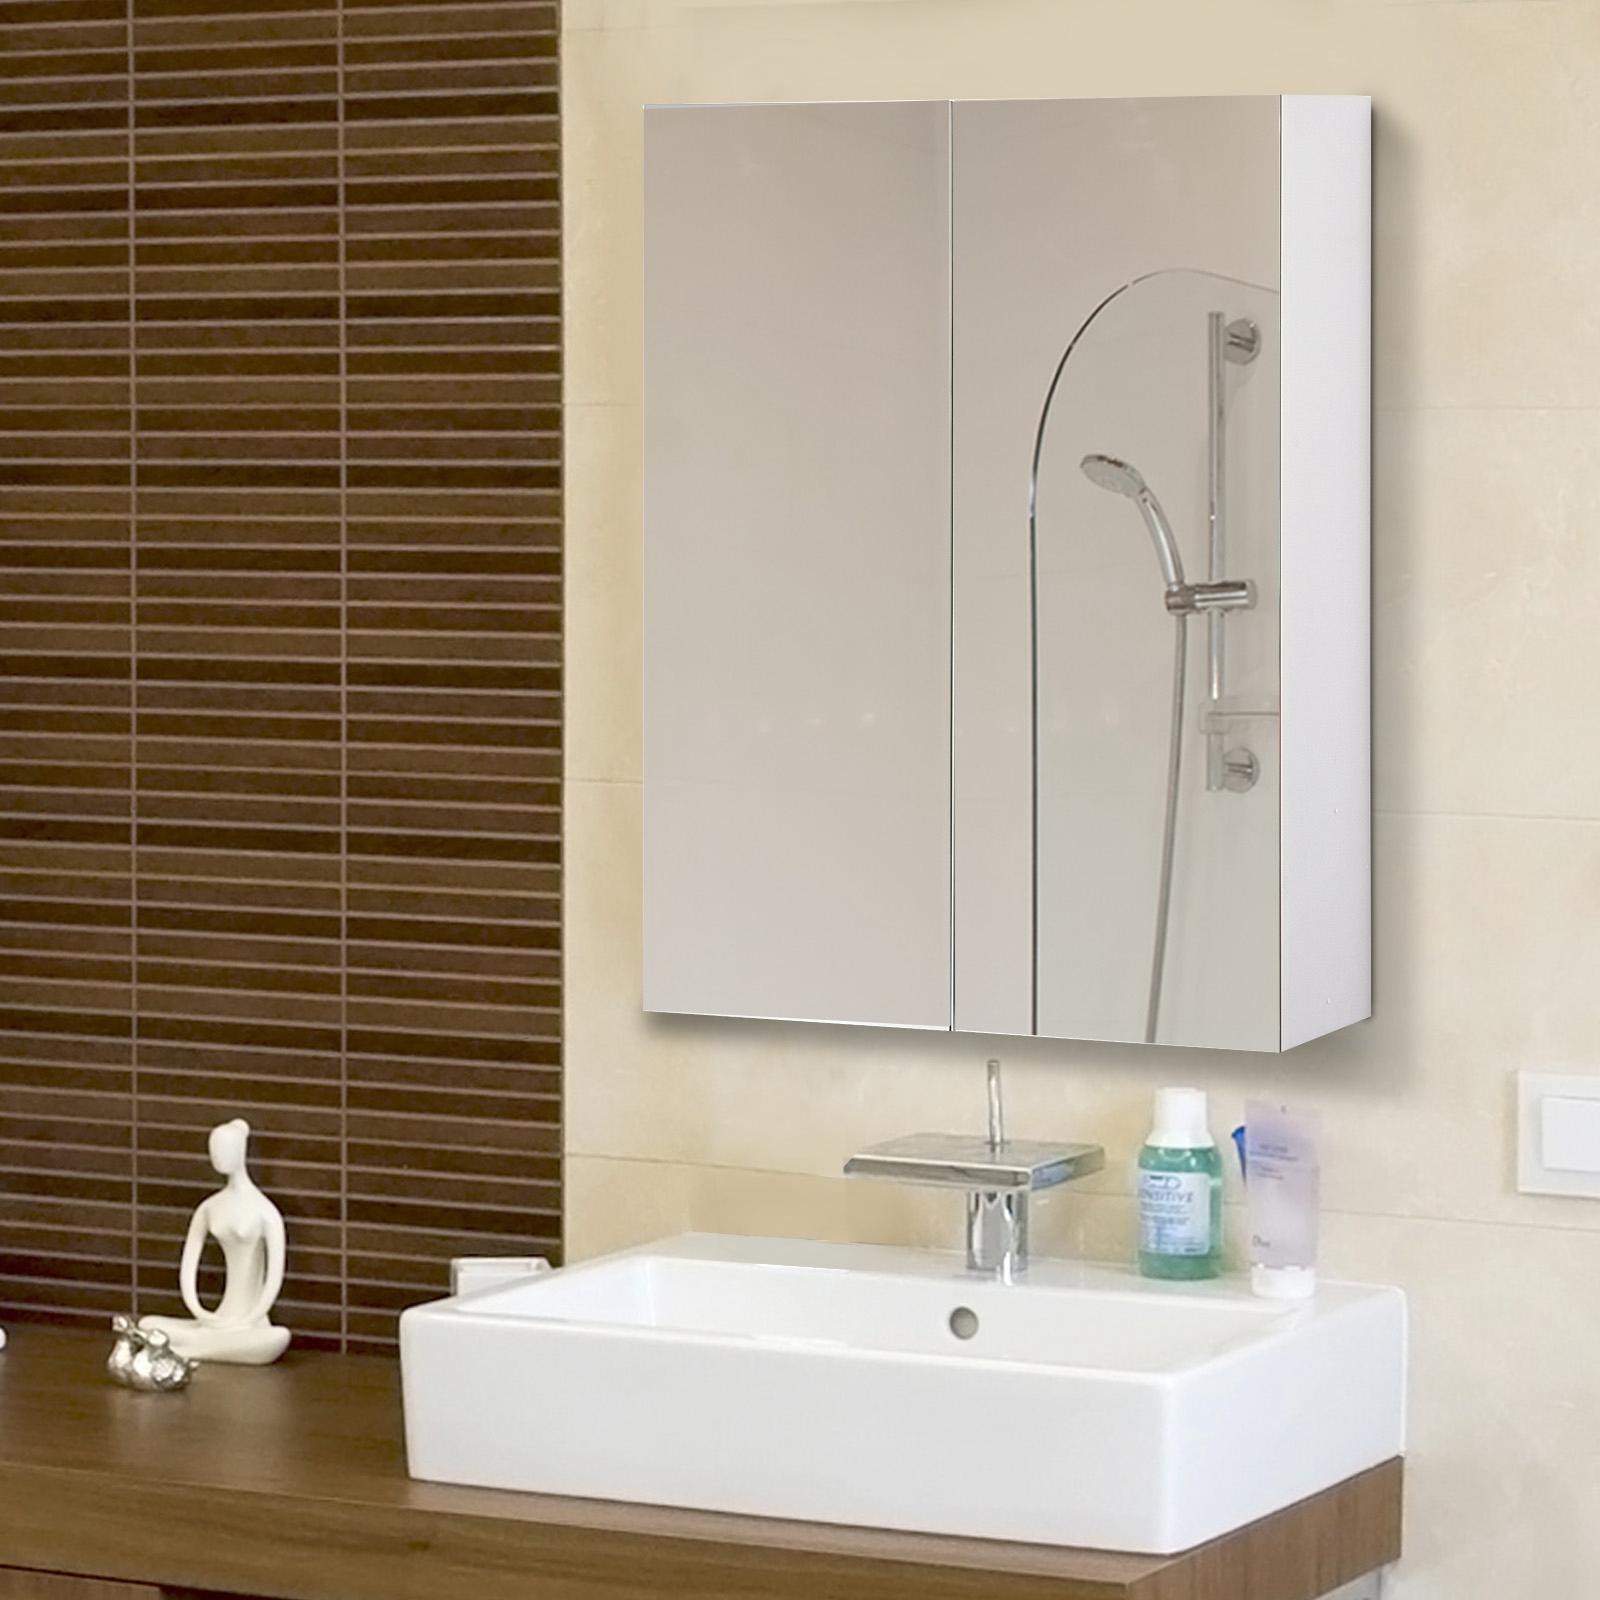 bademöbel spiegelschrank badeschrank hängeschrank